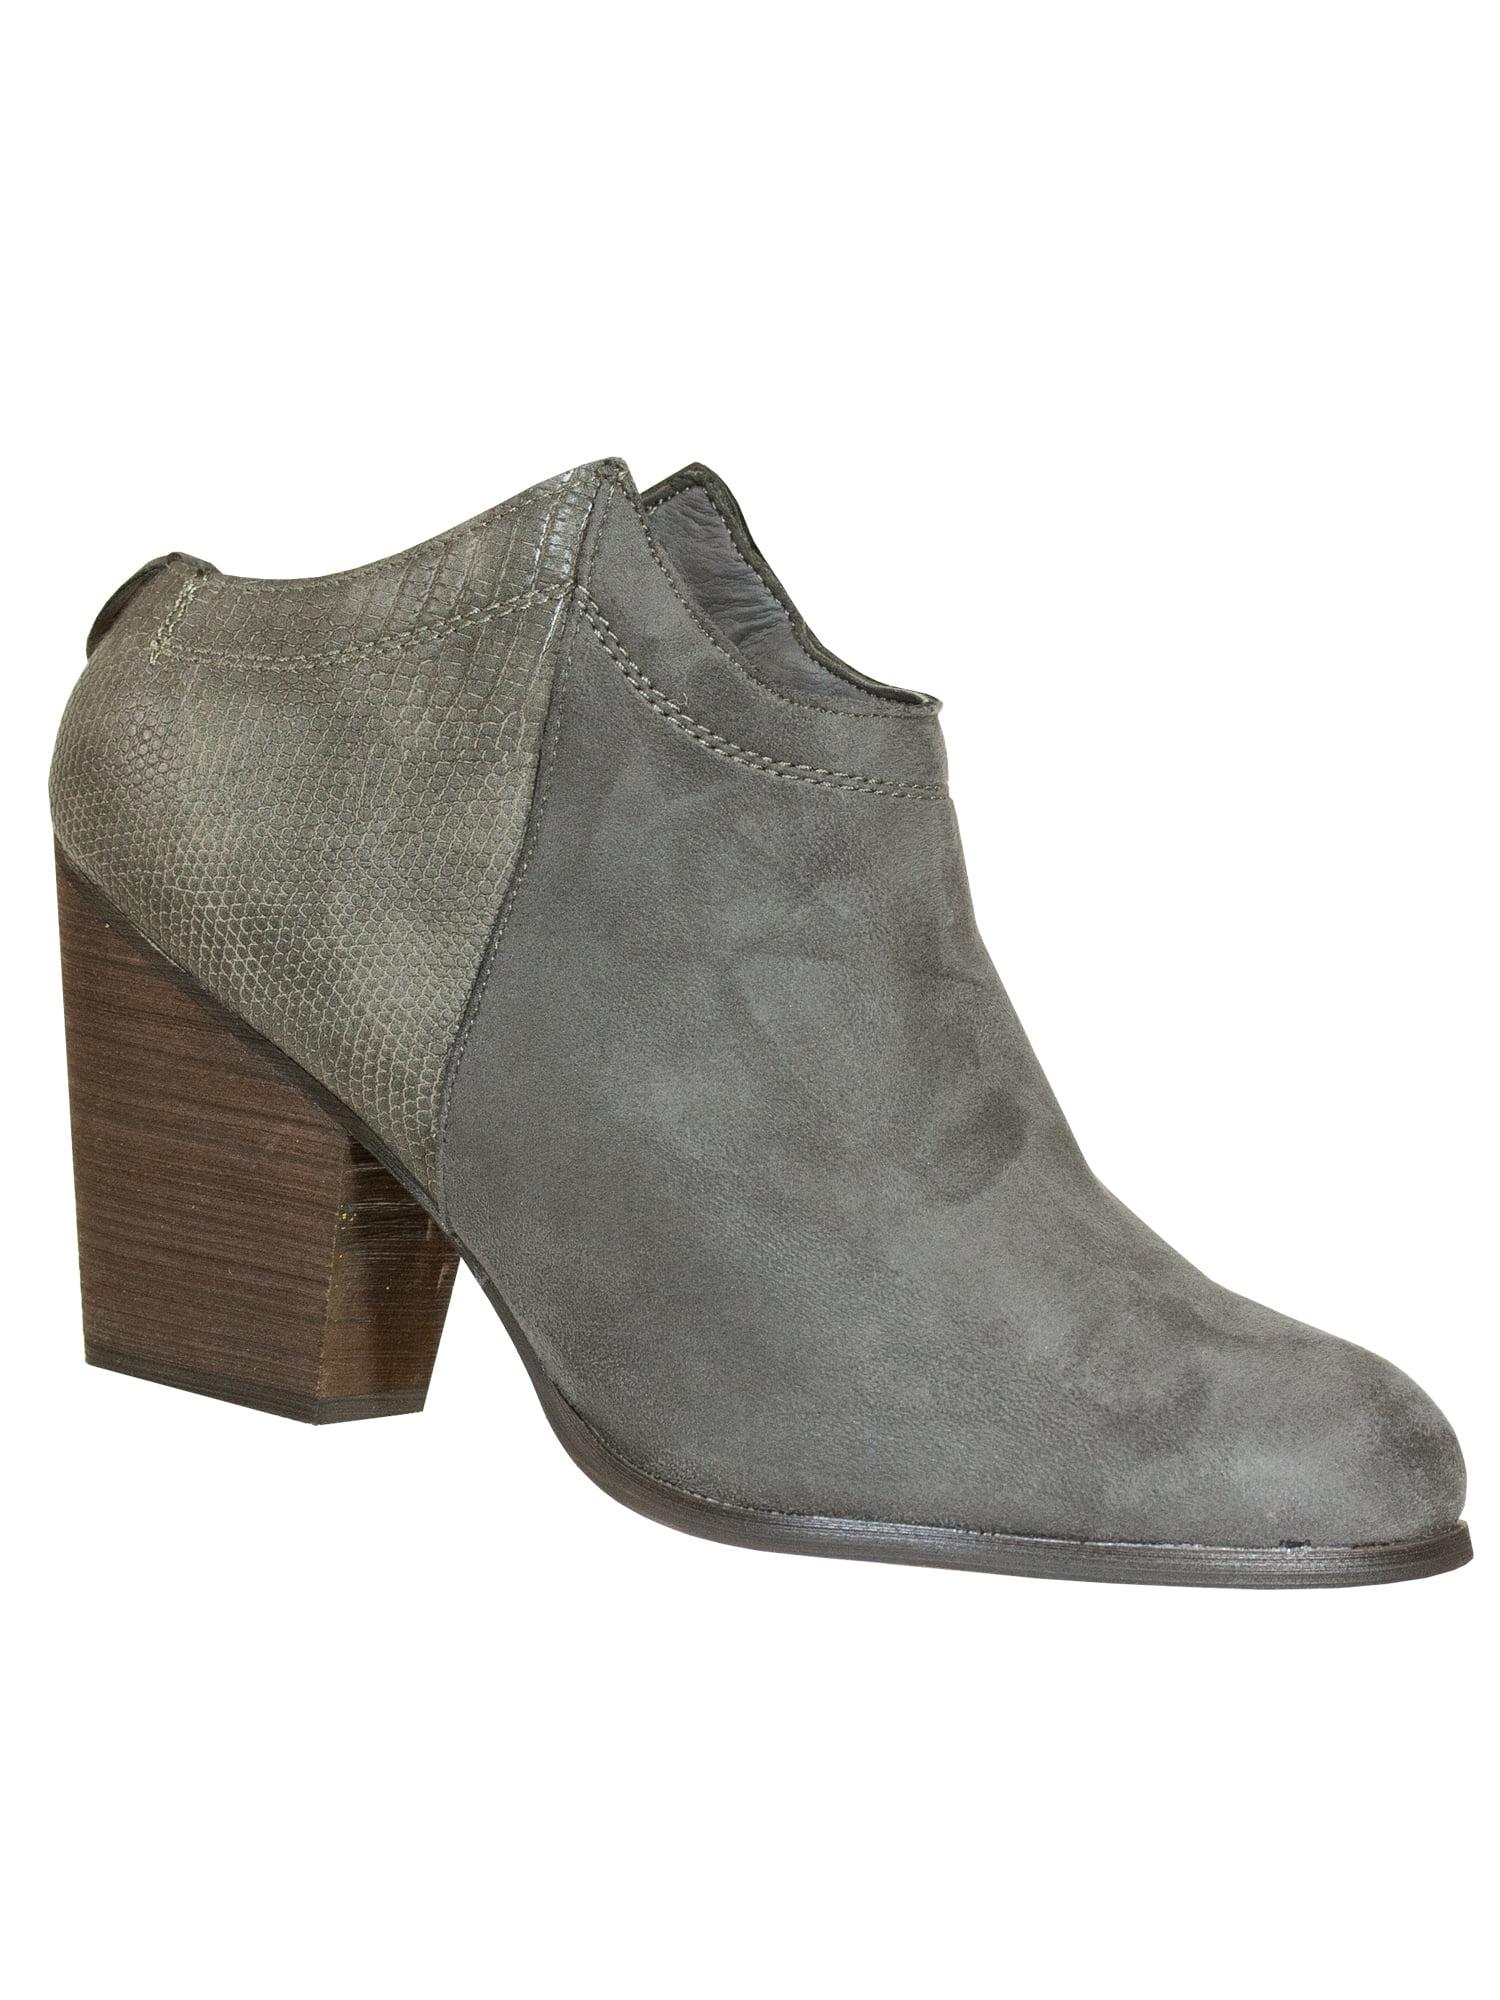 Corkys Footwear Take Off Women's Bootie Shoe Grey 8 M by Corkys Footwear